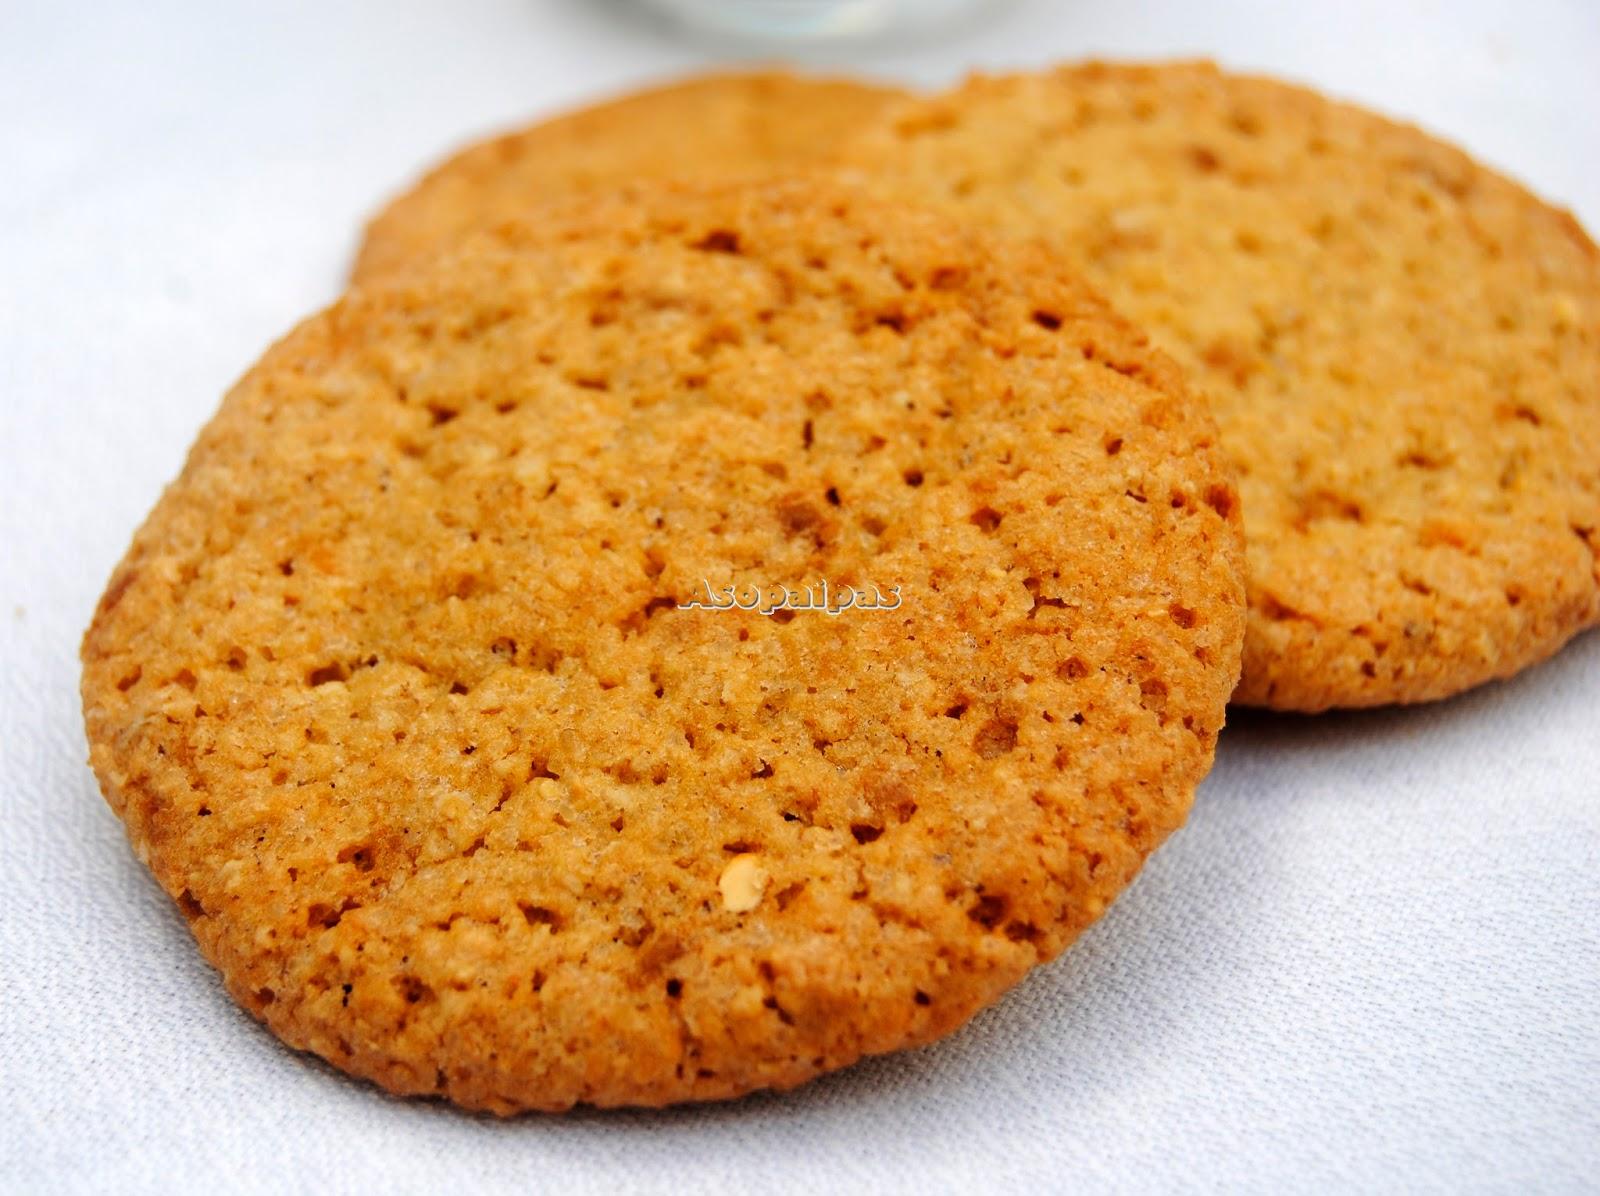 Galletas de Avena y Coco (Overnight Oatmeal Cookies) Vídeo